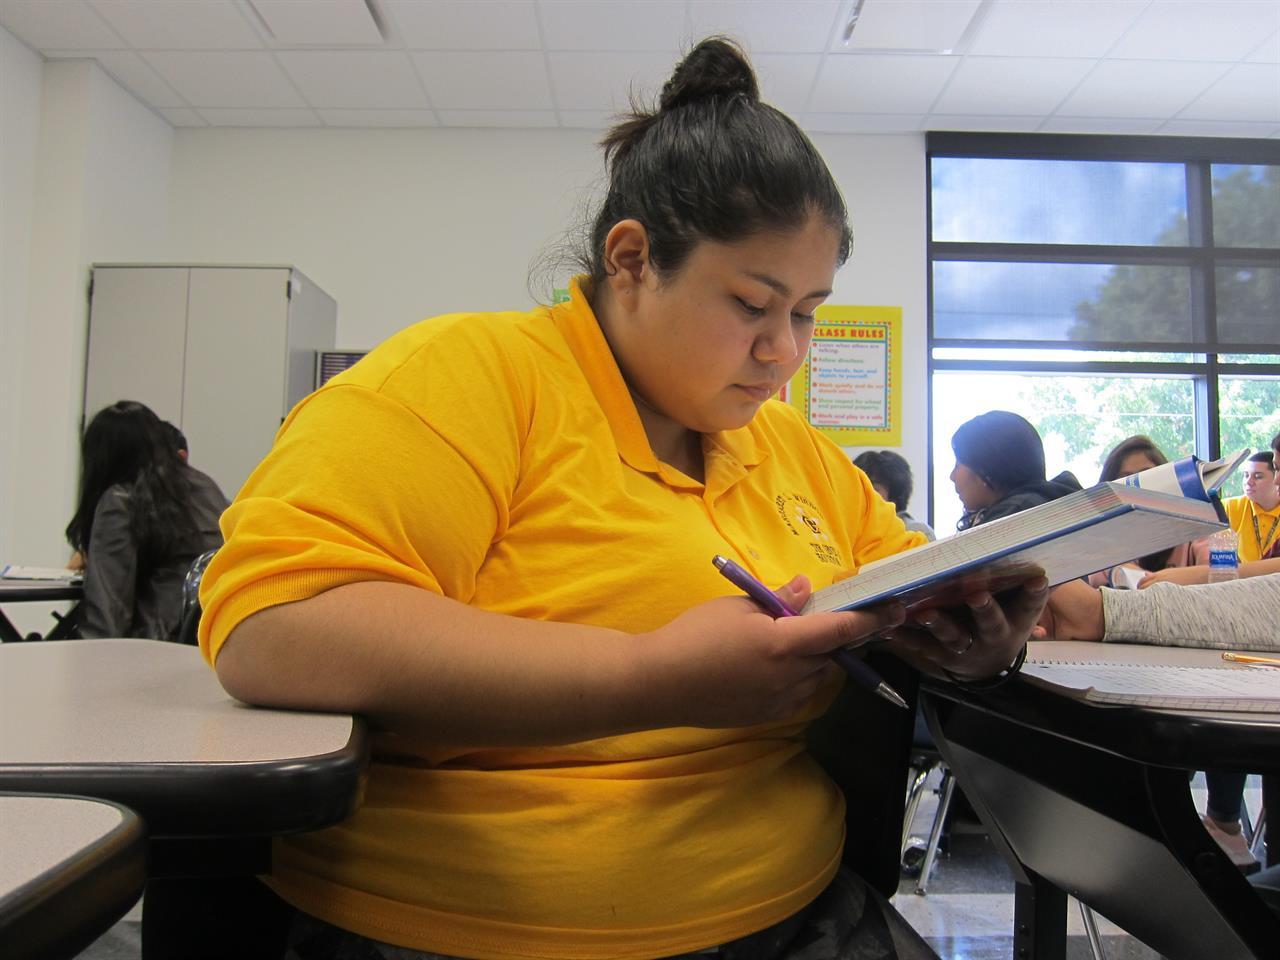 Despite hurricane, at-risk Houston students made gains